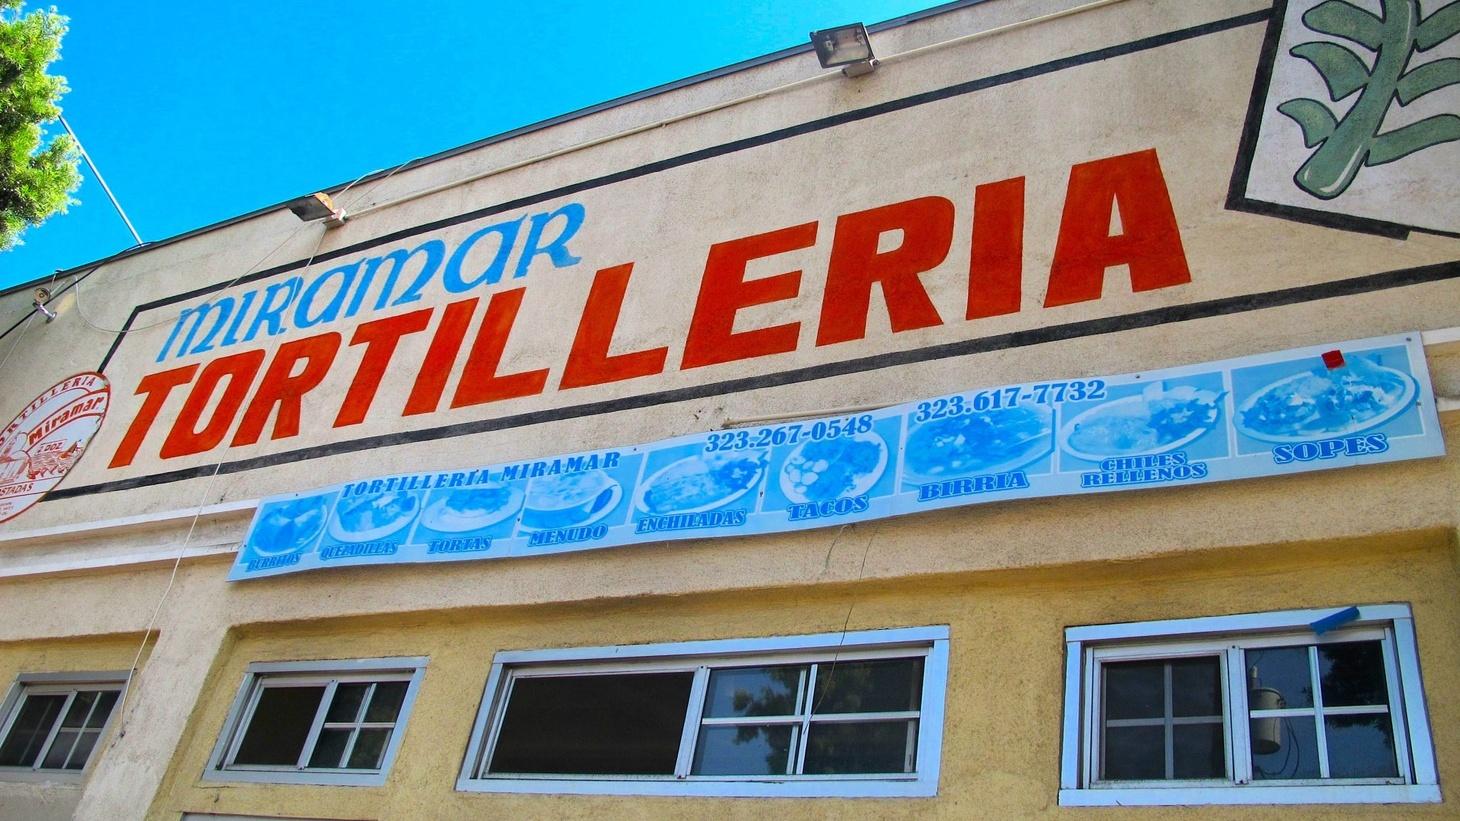 Miramar Tortilleria in Boyle Heights: Gustavo's favorite machine-made corn tortilla.